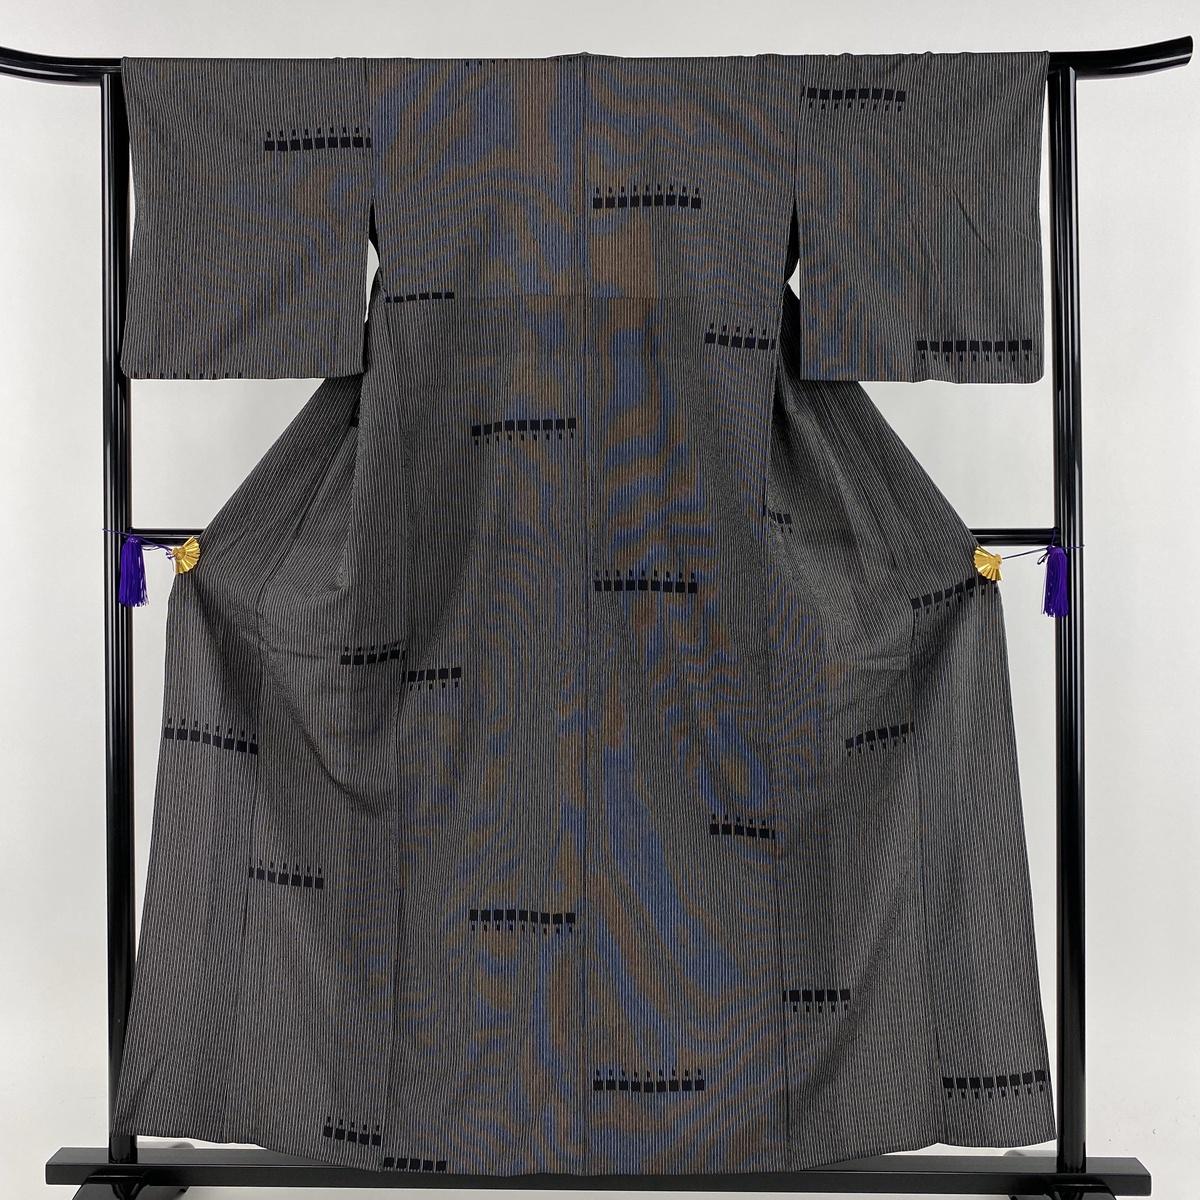 紬 美品 名品 縦縞 幾何学 黒 単衣 身丈158cm 裄丈63cm S 正絹 【中古】